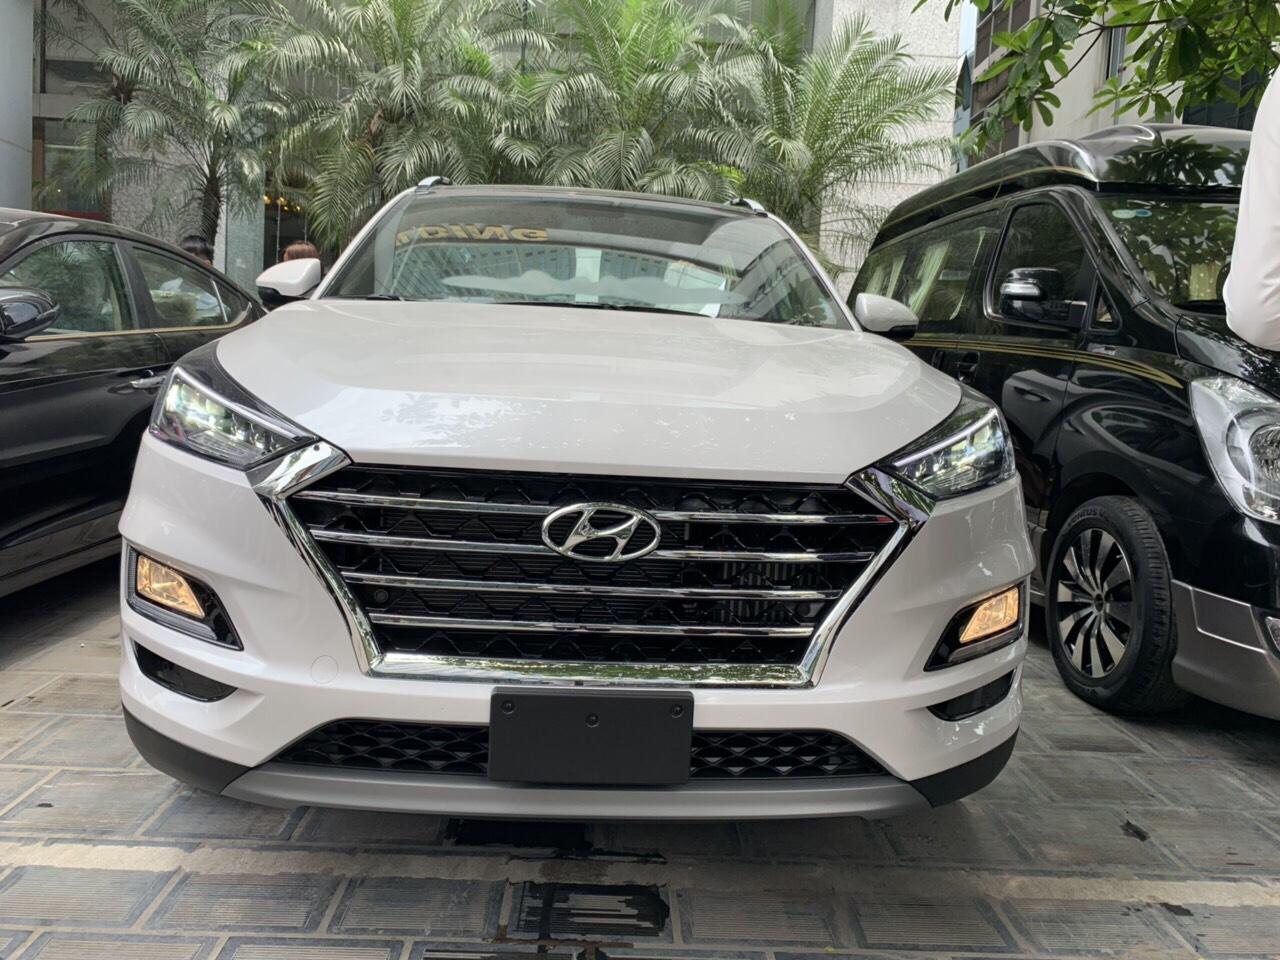 Hyundai Tucson 1.6AT Turbo 2019